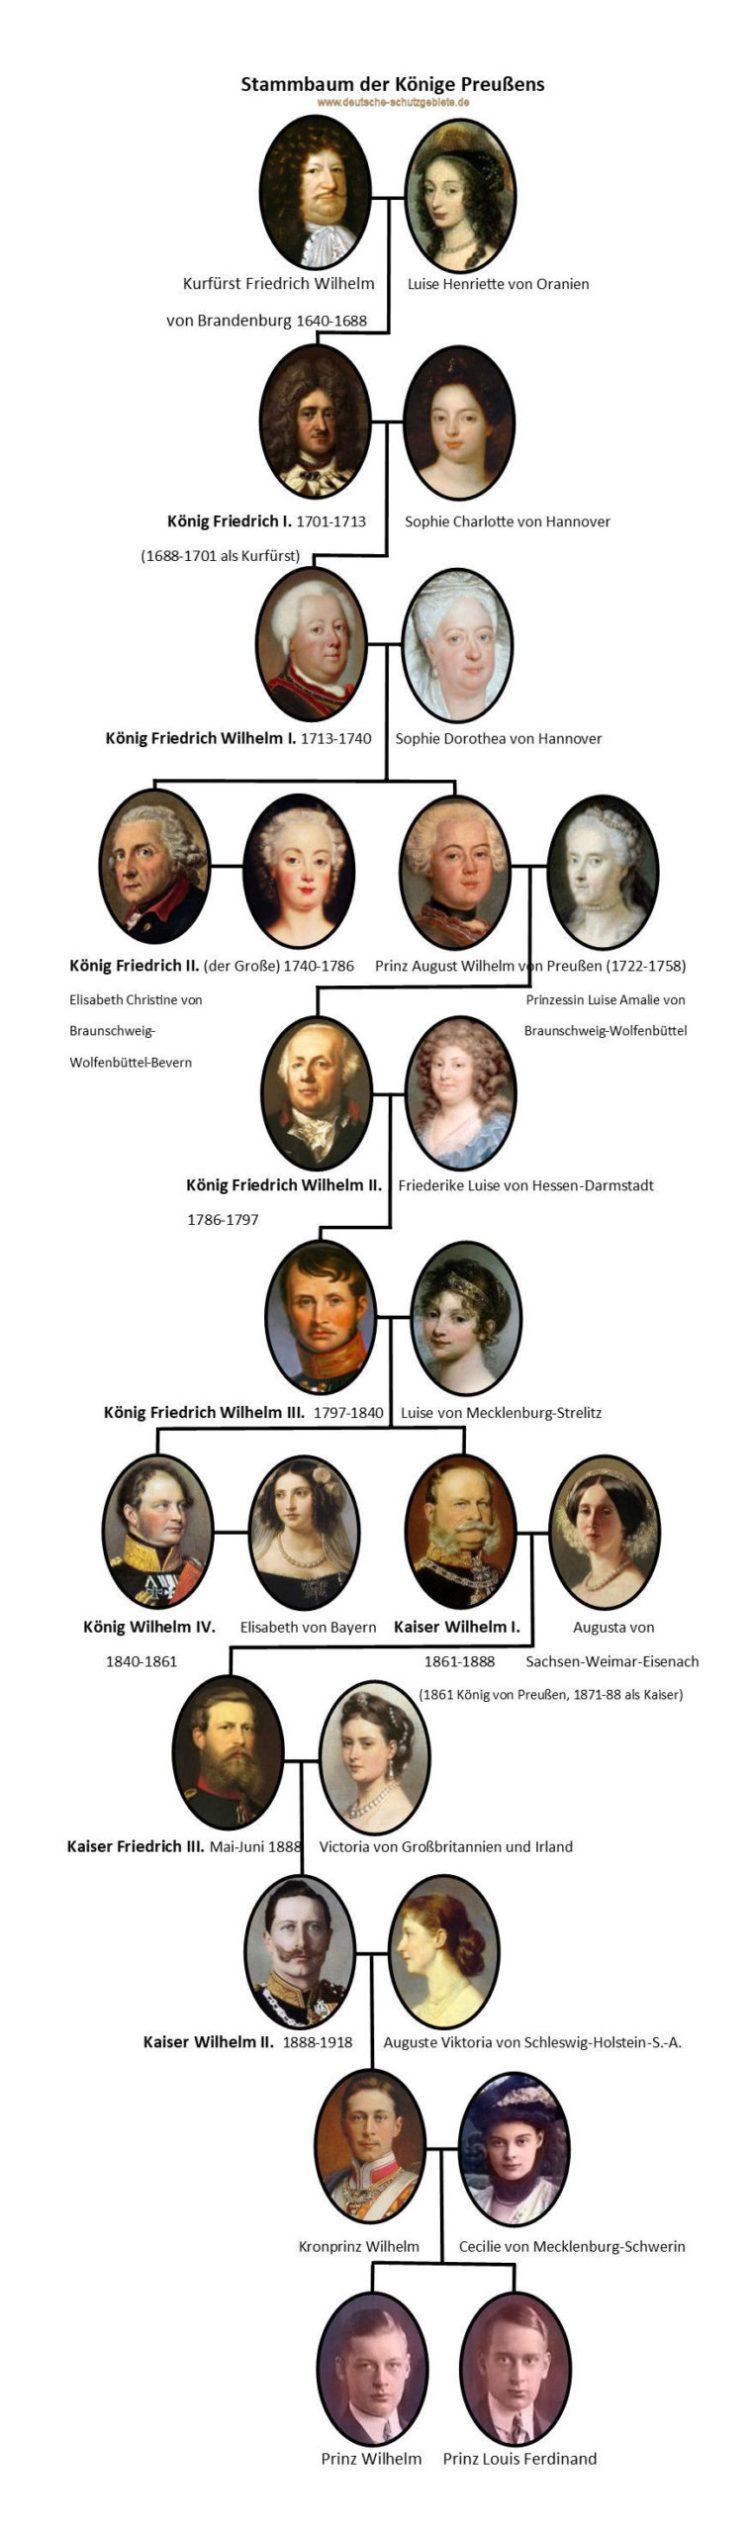 Stammbaum der Könige Preußens